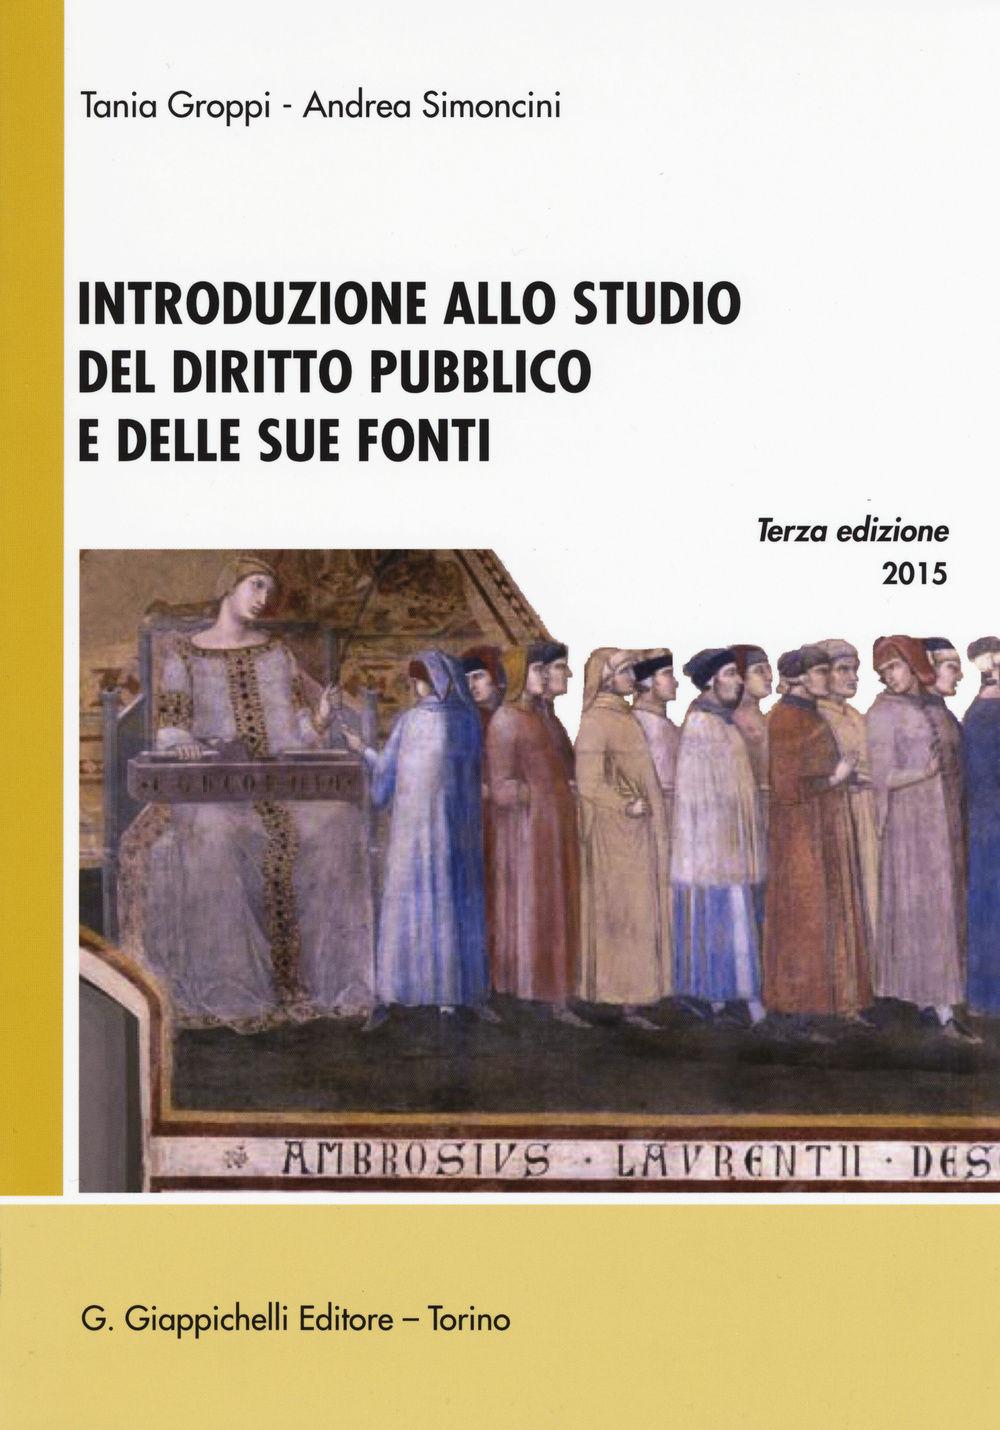 Introduzione allo studio del diritto pubblico e delle sue fonti. Tania Groppi, Andrea Simoncini